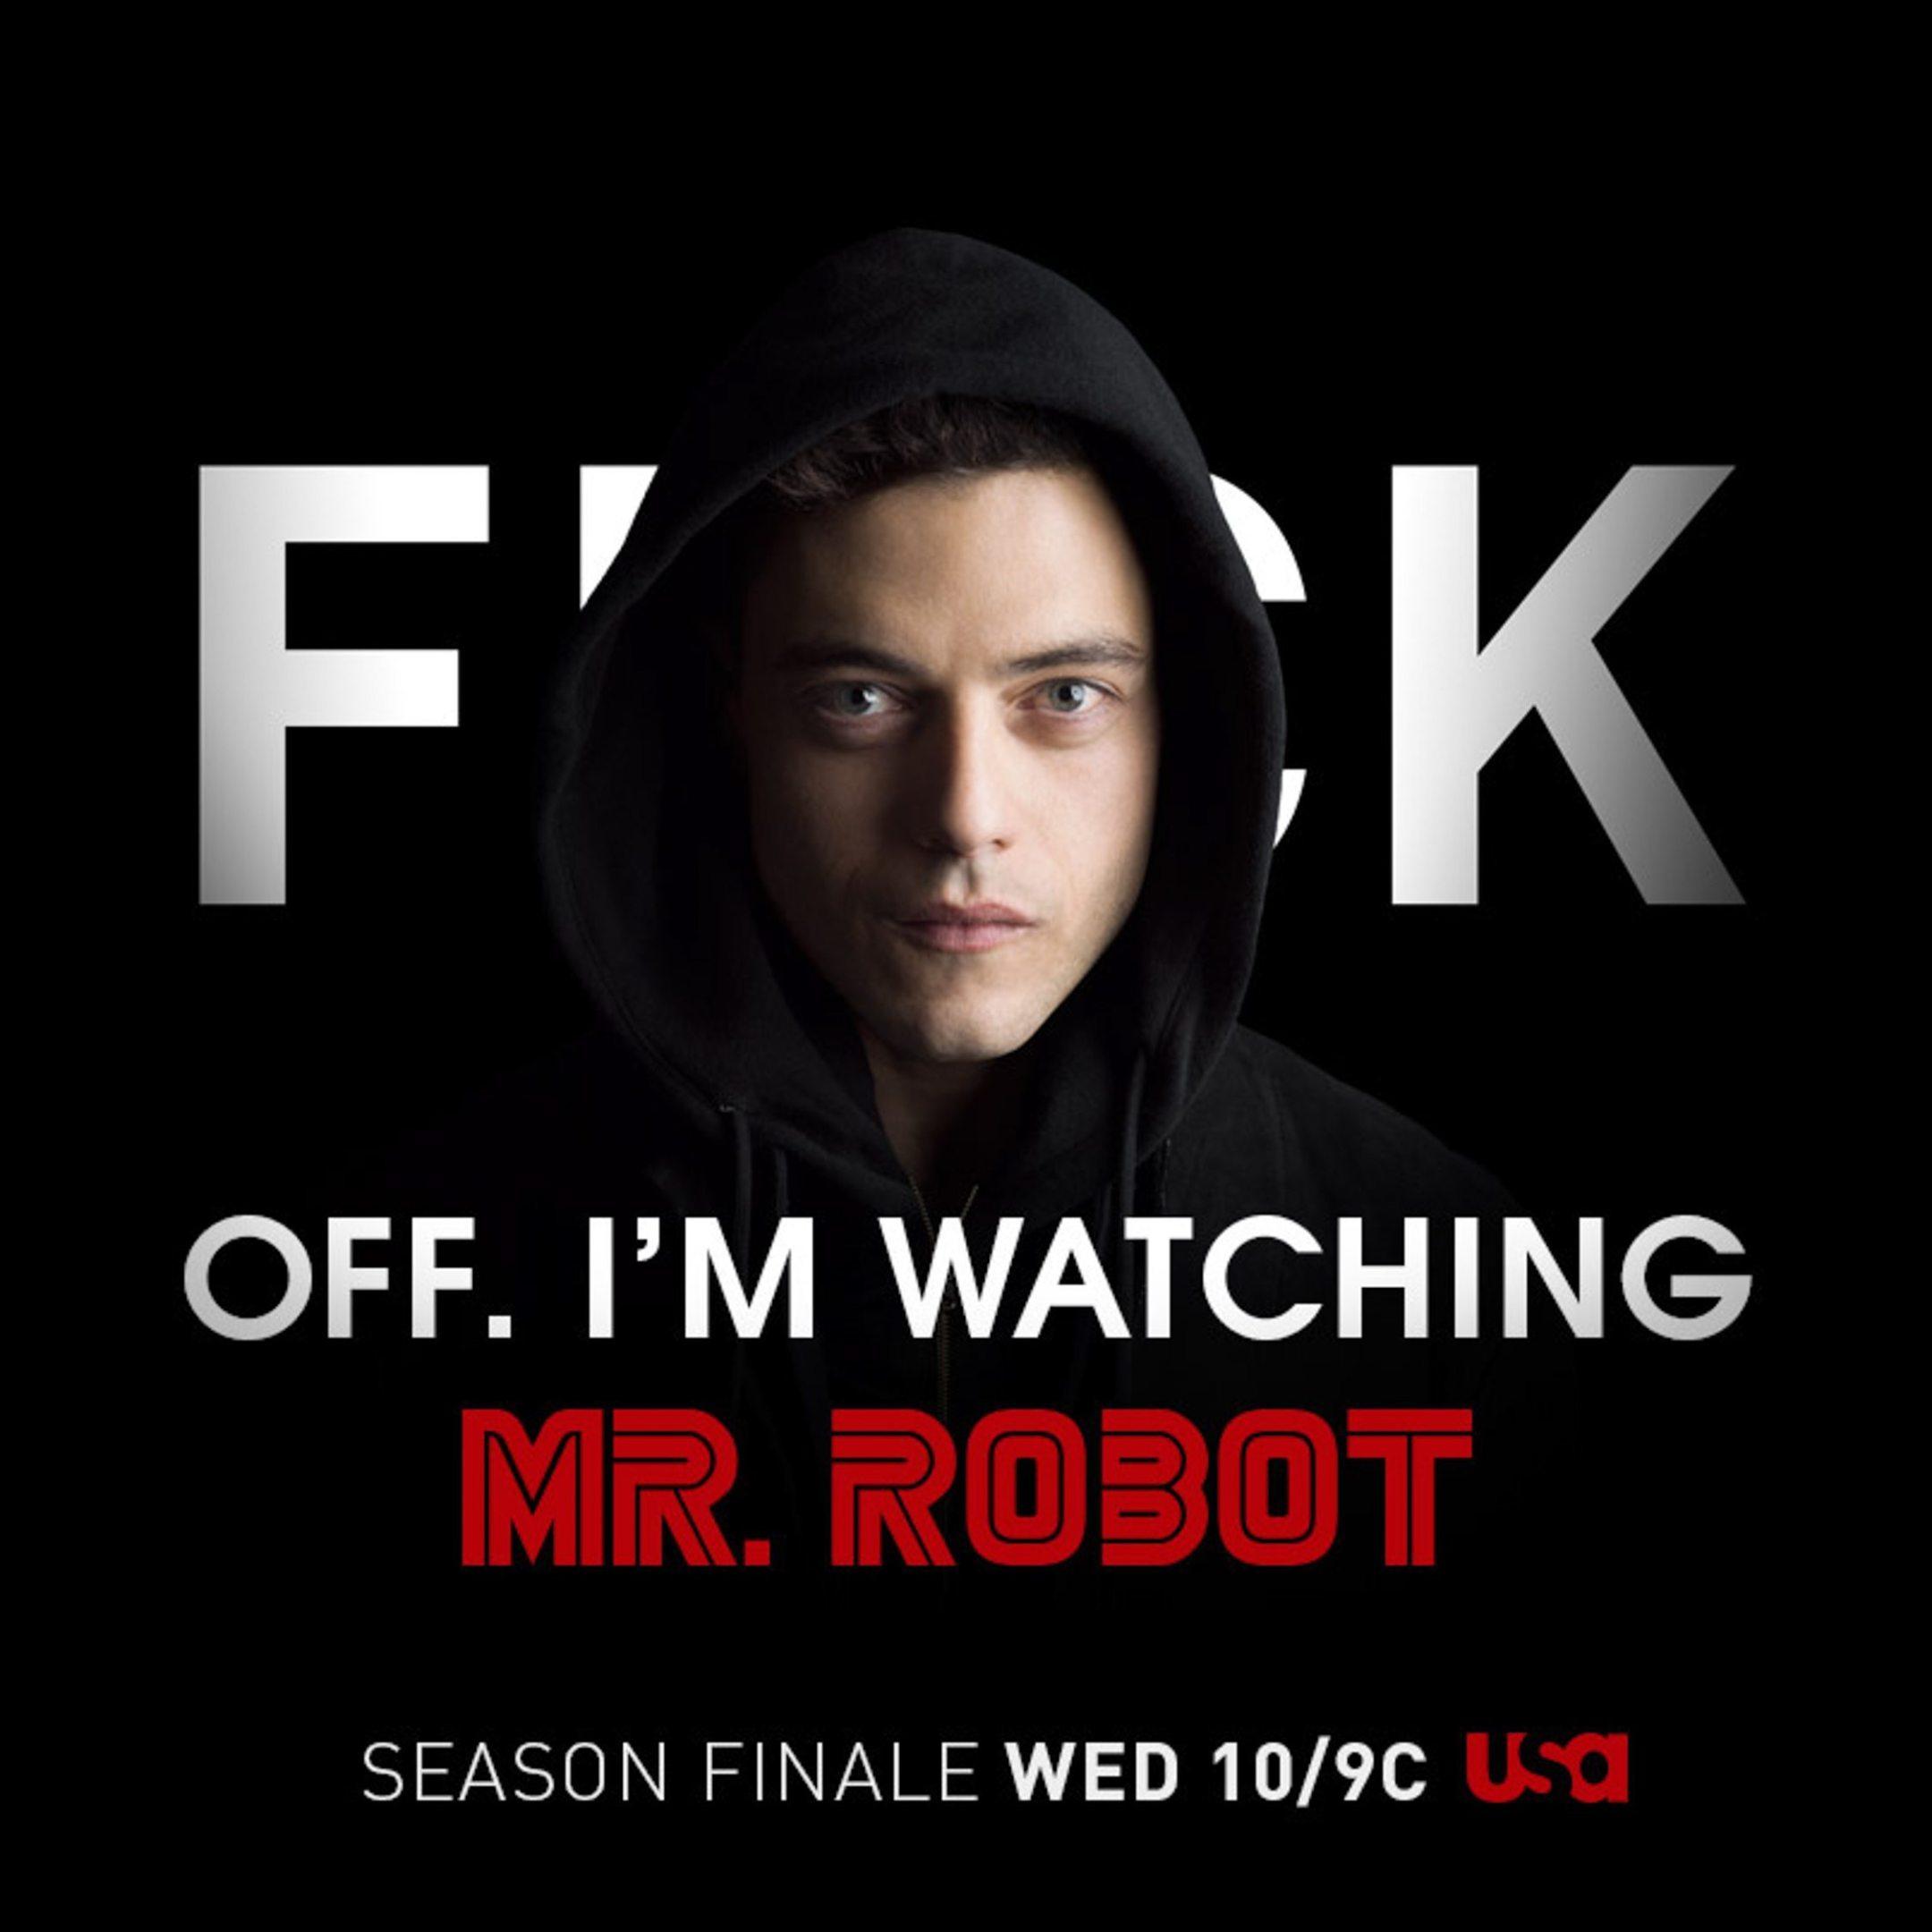 Mr. Robot (806 x 806) VoicesFILM.com